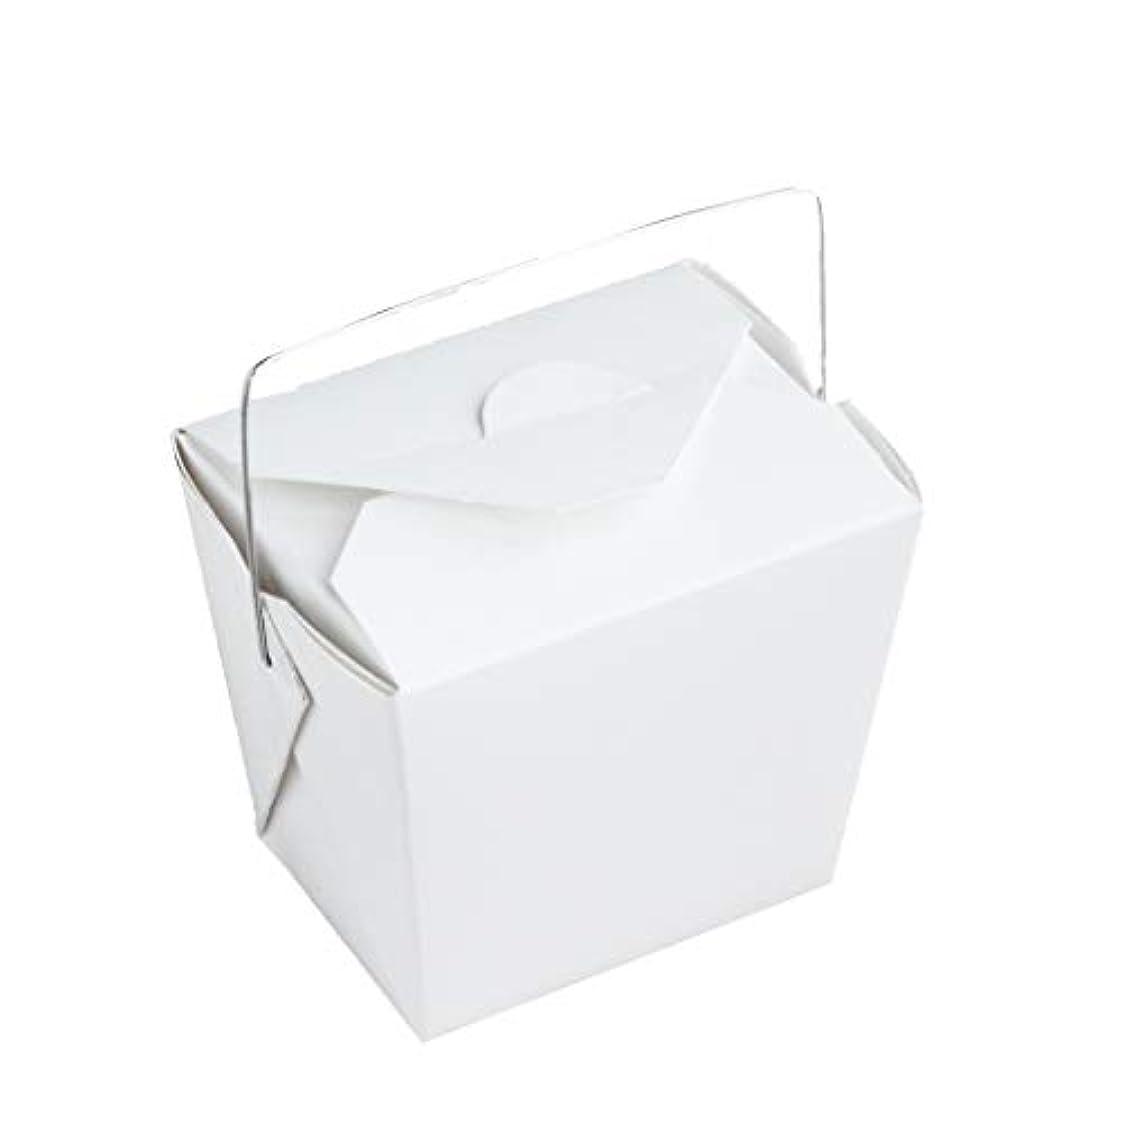 財布喪簡潔な手作り石けん用 ワイヤー取っ手付きホワイトペーパー型 10個